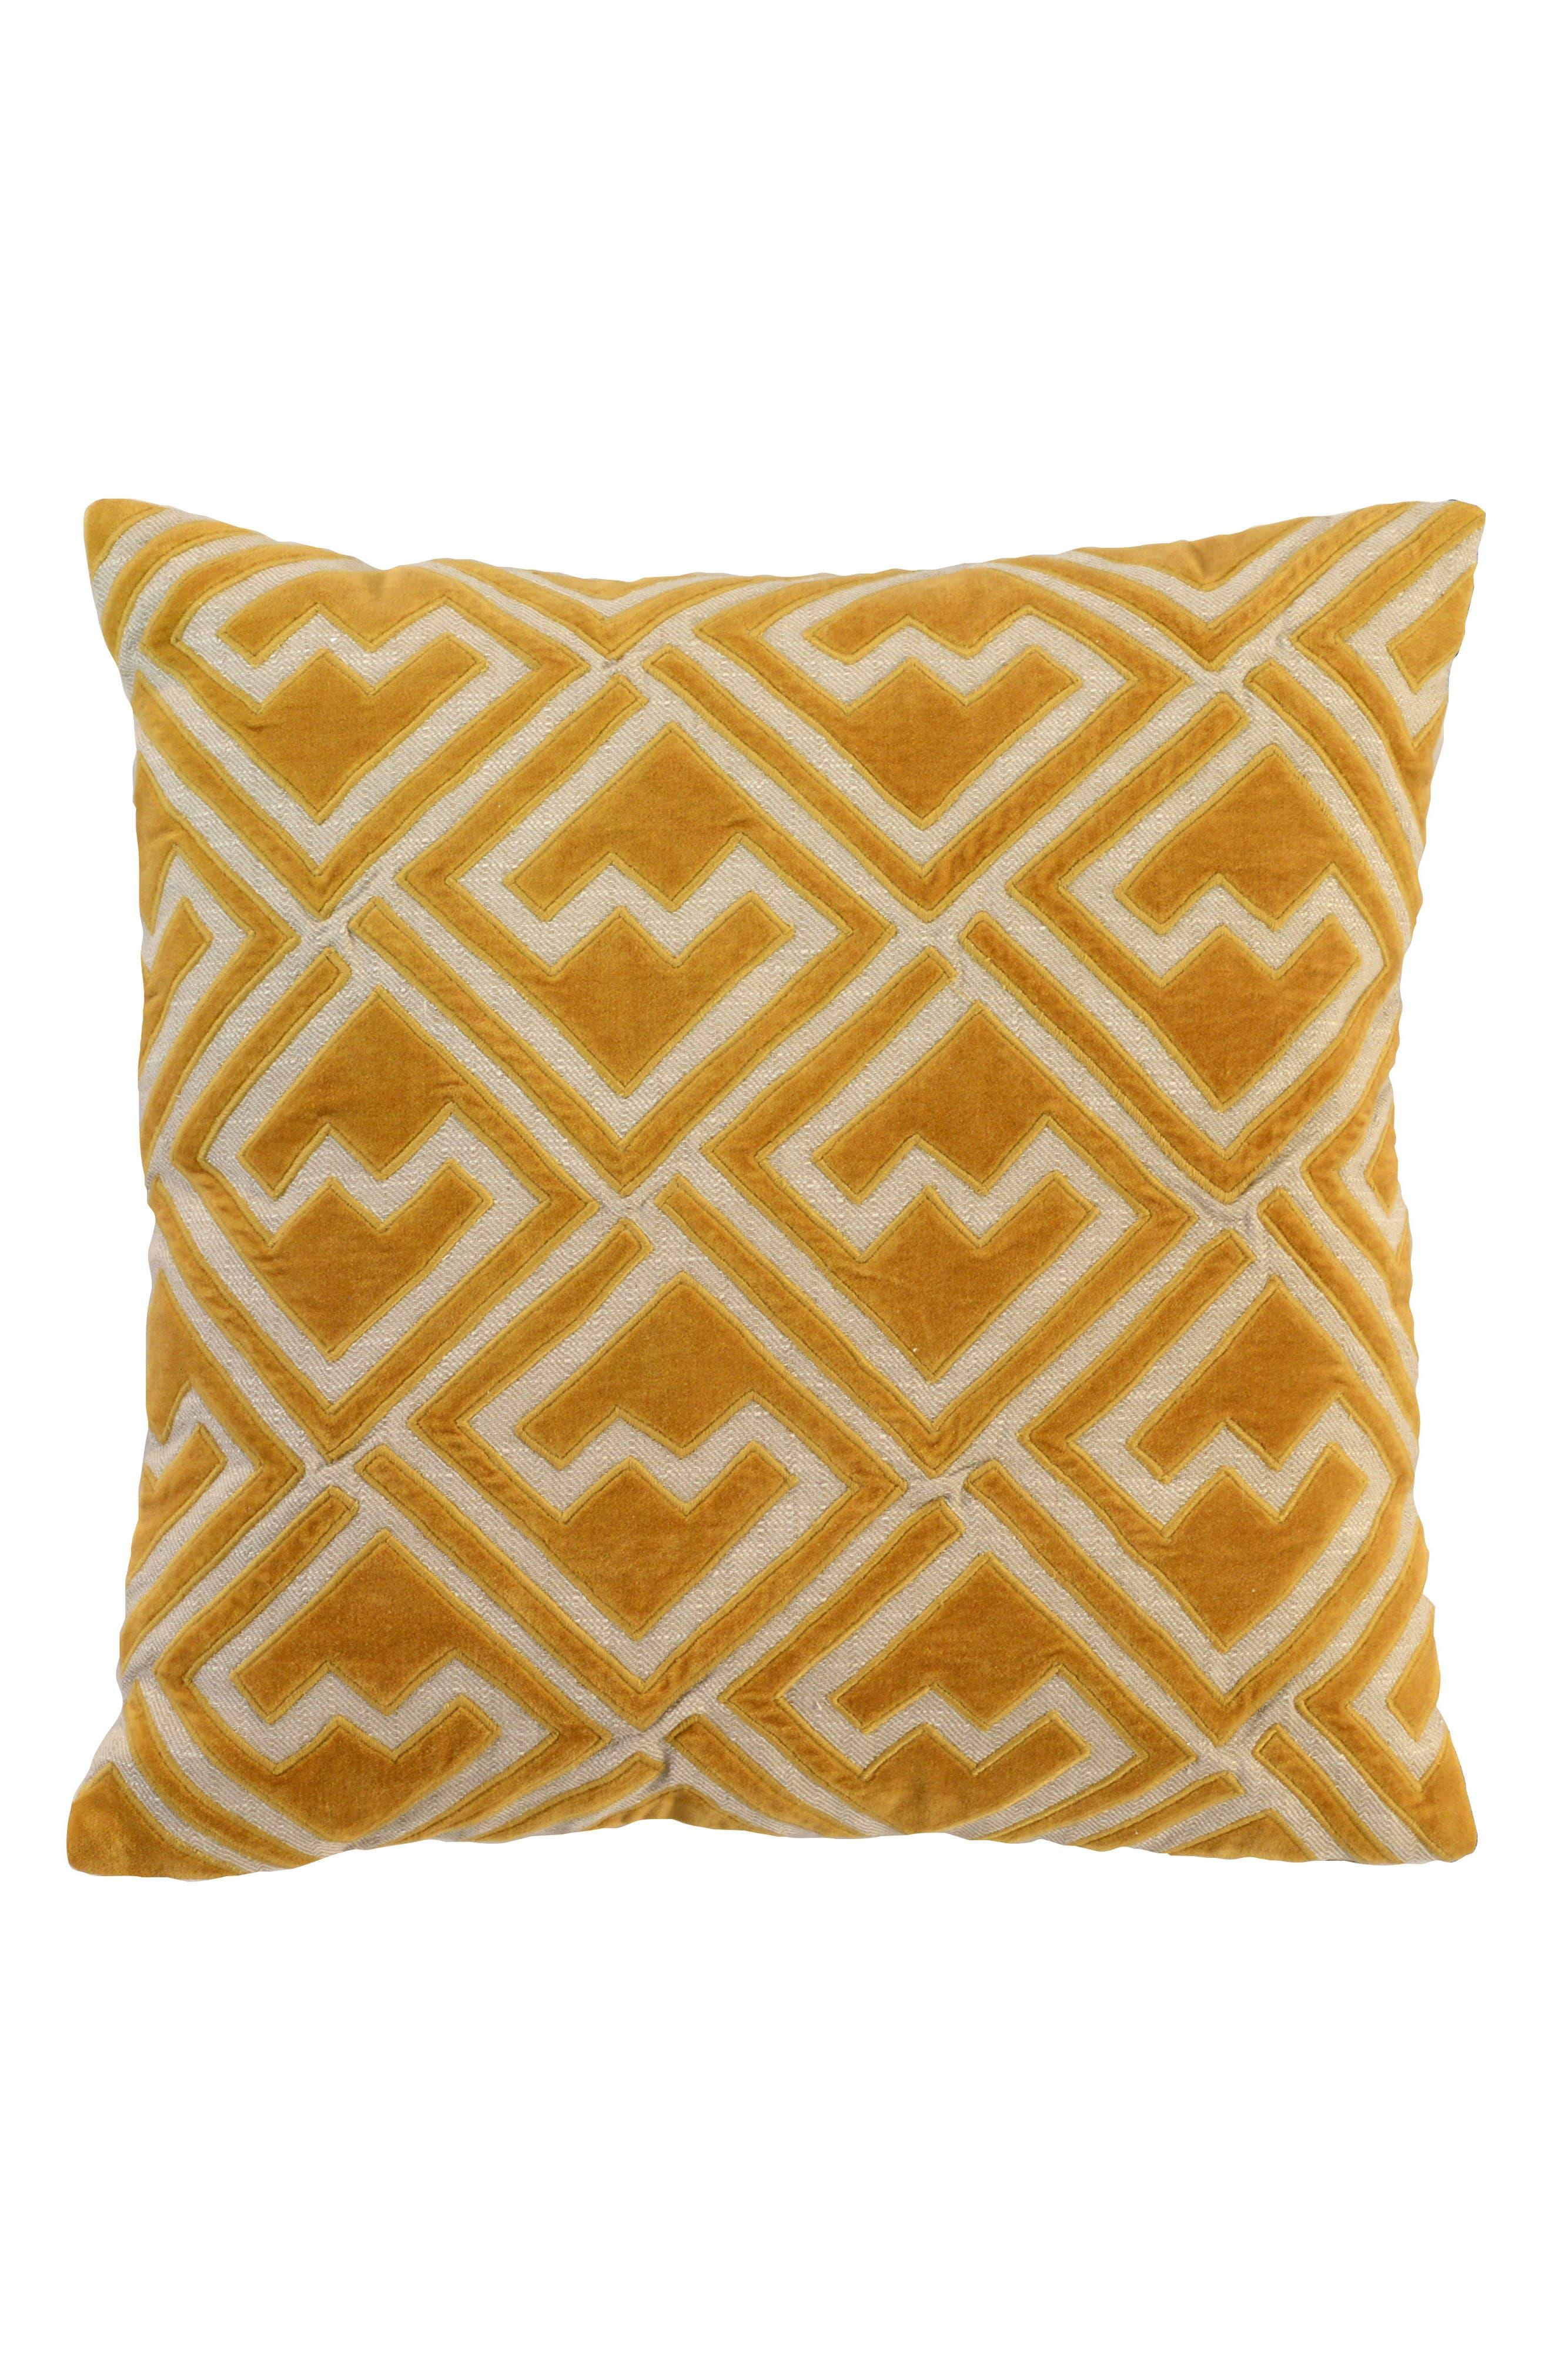 Ragno Accent Pillow,                         Main,                         color, Ochre